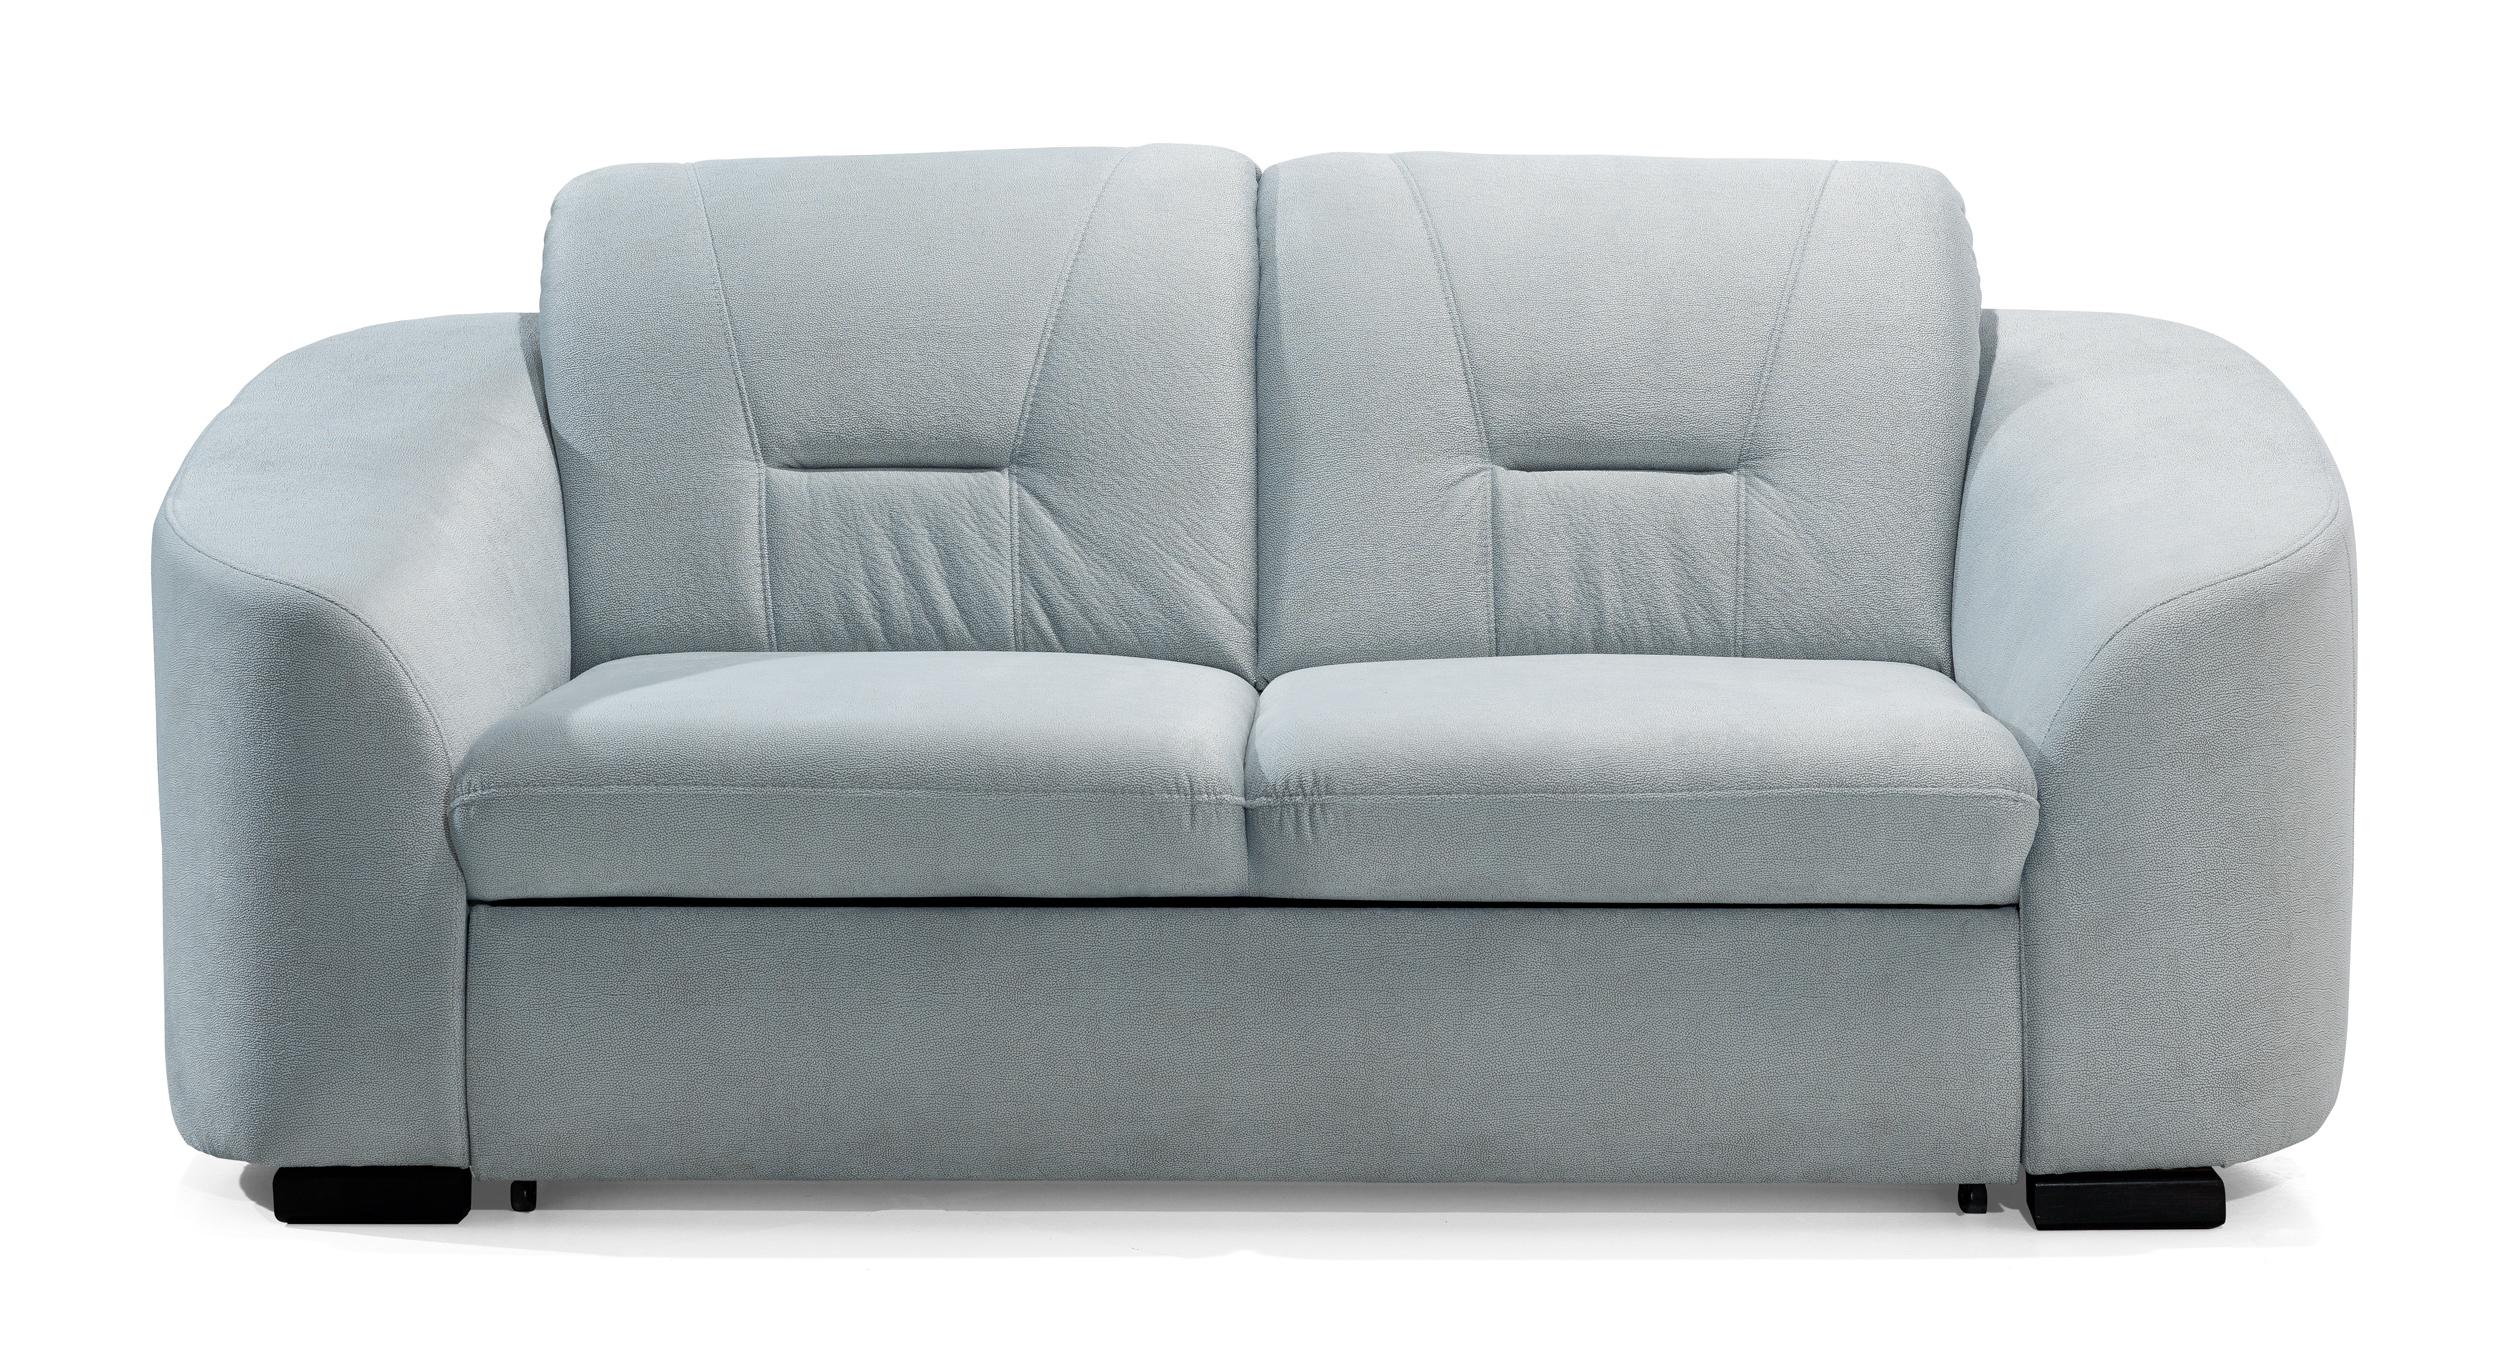 Canapea extensibila 3 locuri Vasto, l200xA110xH90 cm imagine